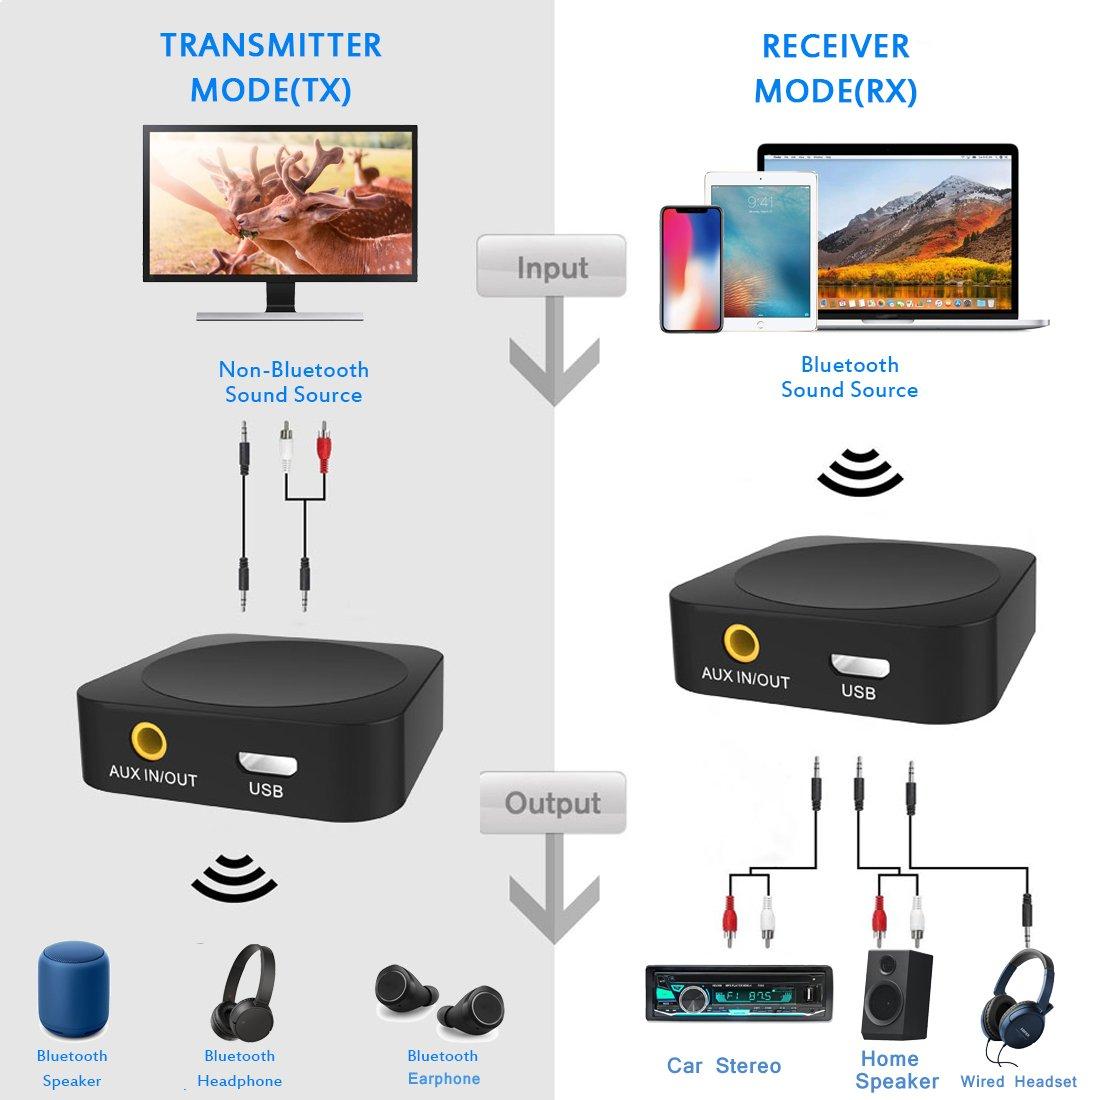 StarPlayer Wireless Transmitter Empfänger Bluetooth Adapter Funktion 2-in-1 Transmitter & Receiver, 3.5mm Aux Port Bluetooth 4.2 Apt-X Geringe Verzögerung für TV, PC, Kopfhörer, Heim Stereoanlage und Auto Soundsysteme etc